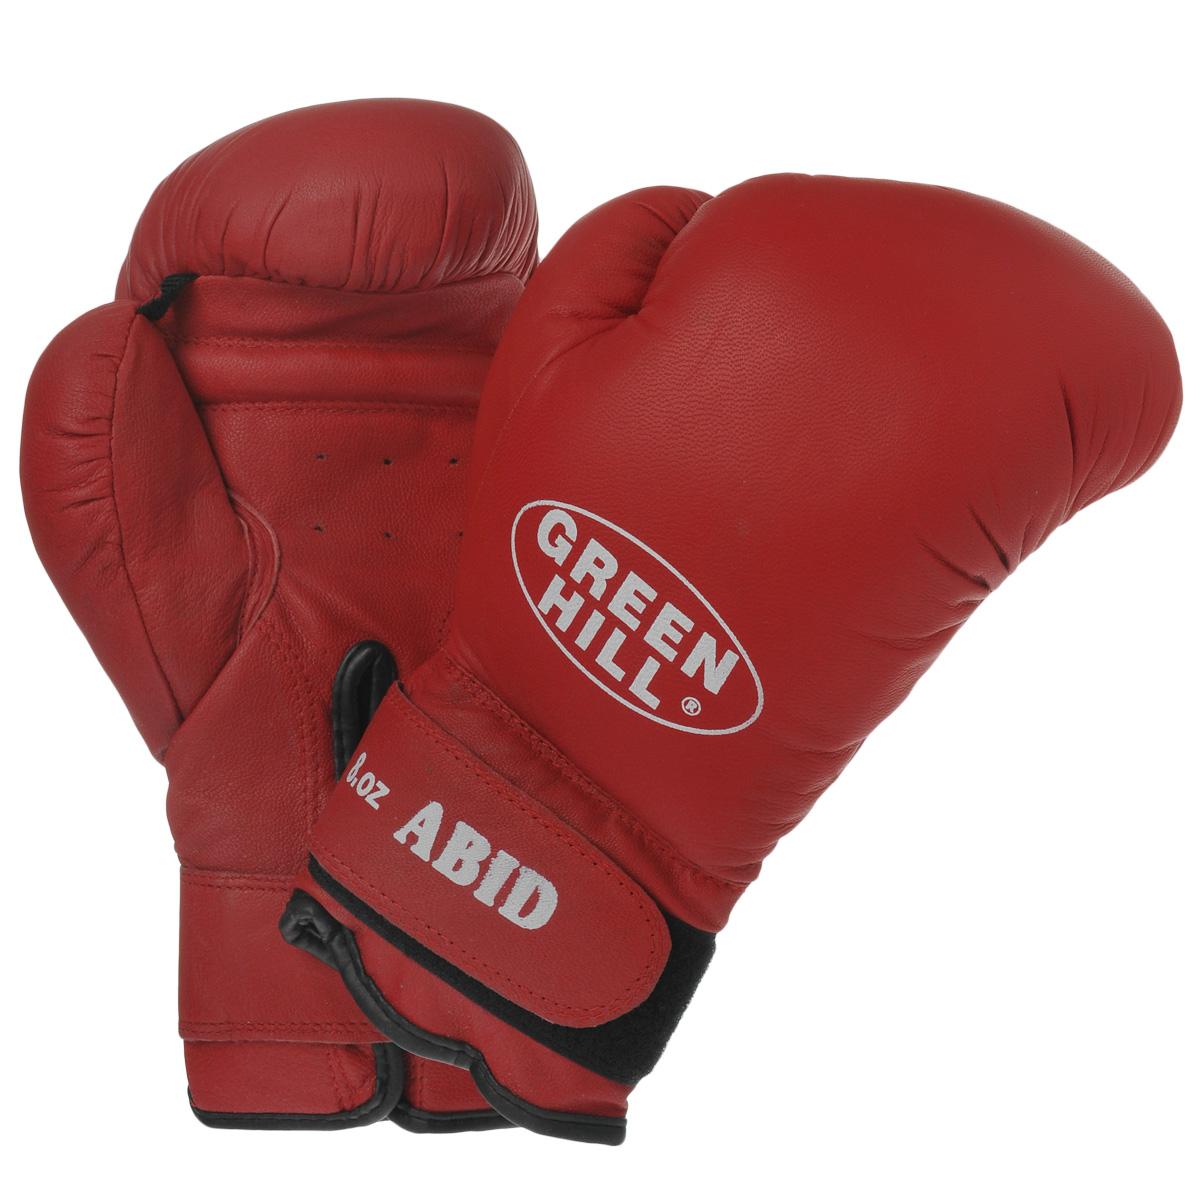 Перчатки боксерские Green Hill Abid, цвет: красный. Вес 8 унцийG-2036312Боксерские тренировочные перчатки Green Hill Abid выполнены из натуральной кожи. Они отлично подойдут для начинающих спортсменов. Мягкий наполнитель из очеса предотвращает любые травмы. Широкий ремень, охватывая запястье, полностью оборачивается вокруг манжеты, благодаря чему создается дополнительная защита лучезапястного сустава от травмирования. Застежка на липучке способствует быстрому и удобному одеванию перчаток, плотно фиксирует перчатки на руке.